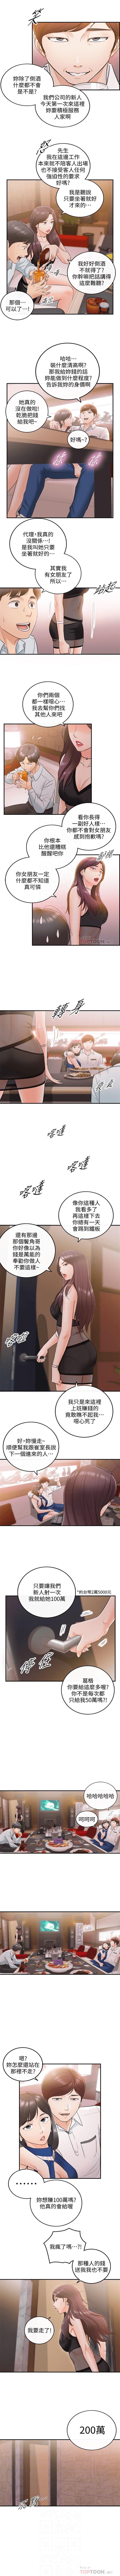 (周5)正妹小主管 1-26 中文翻译(更新中) 110